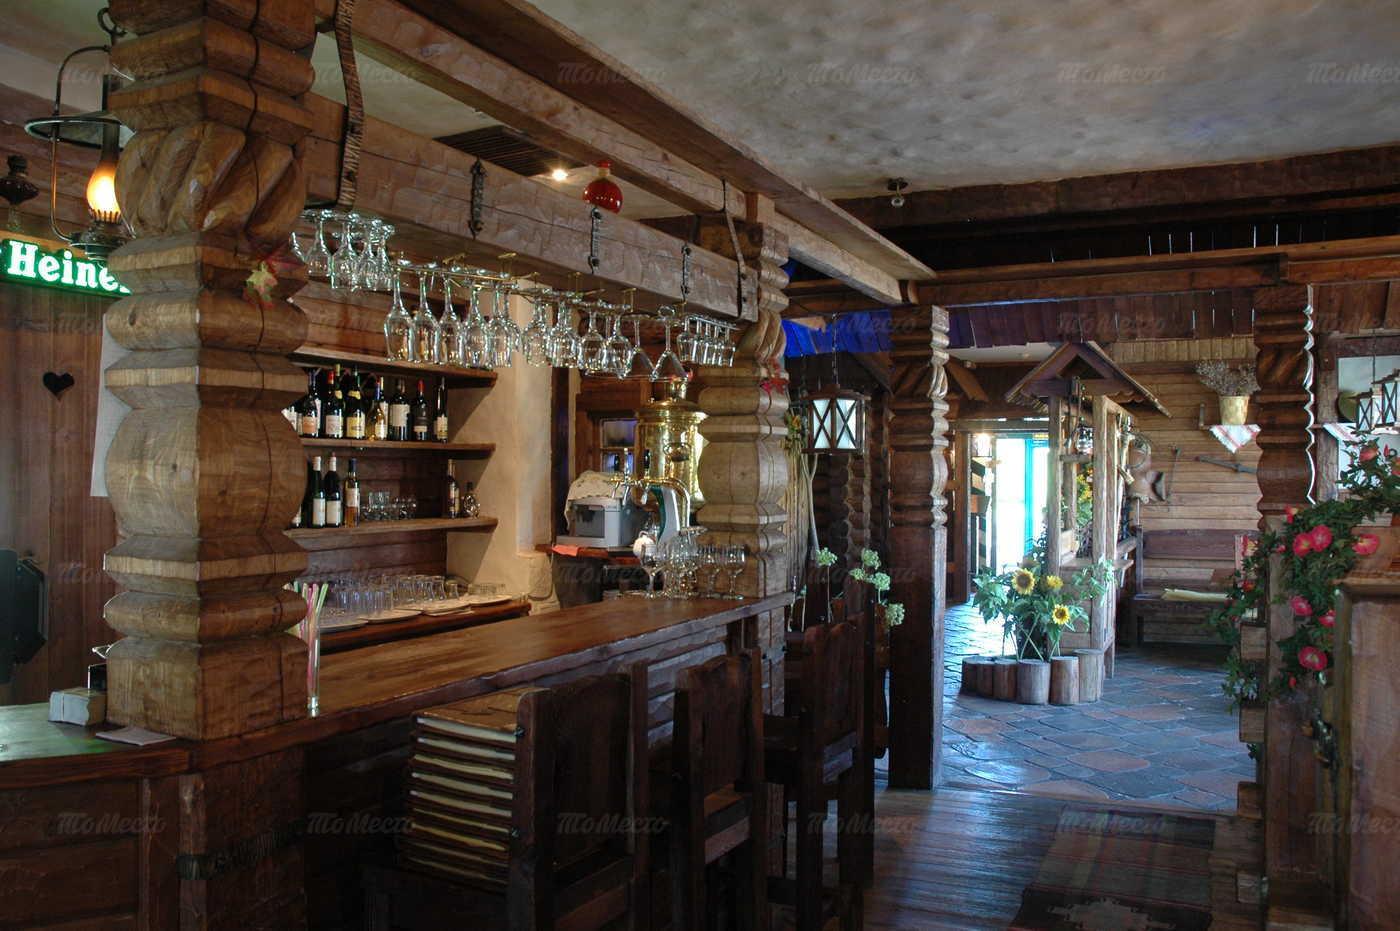 Меню пивного ресторана Sehr Gut (Зер Гут) на улице Ванеевой